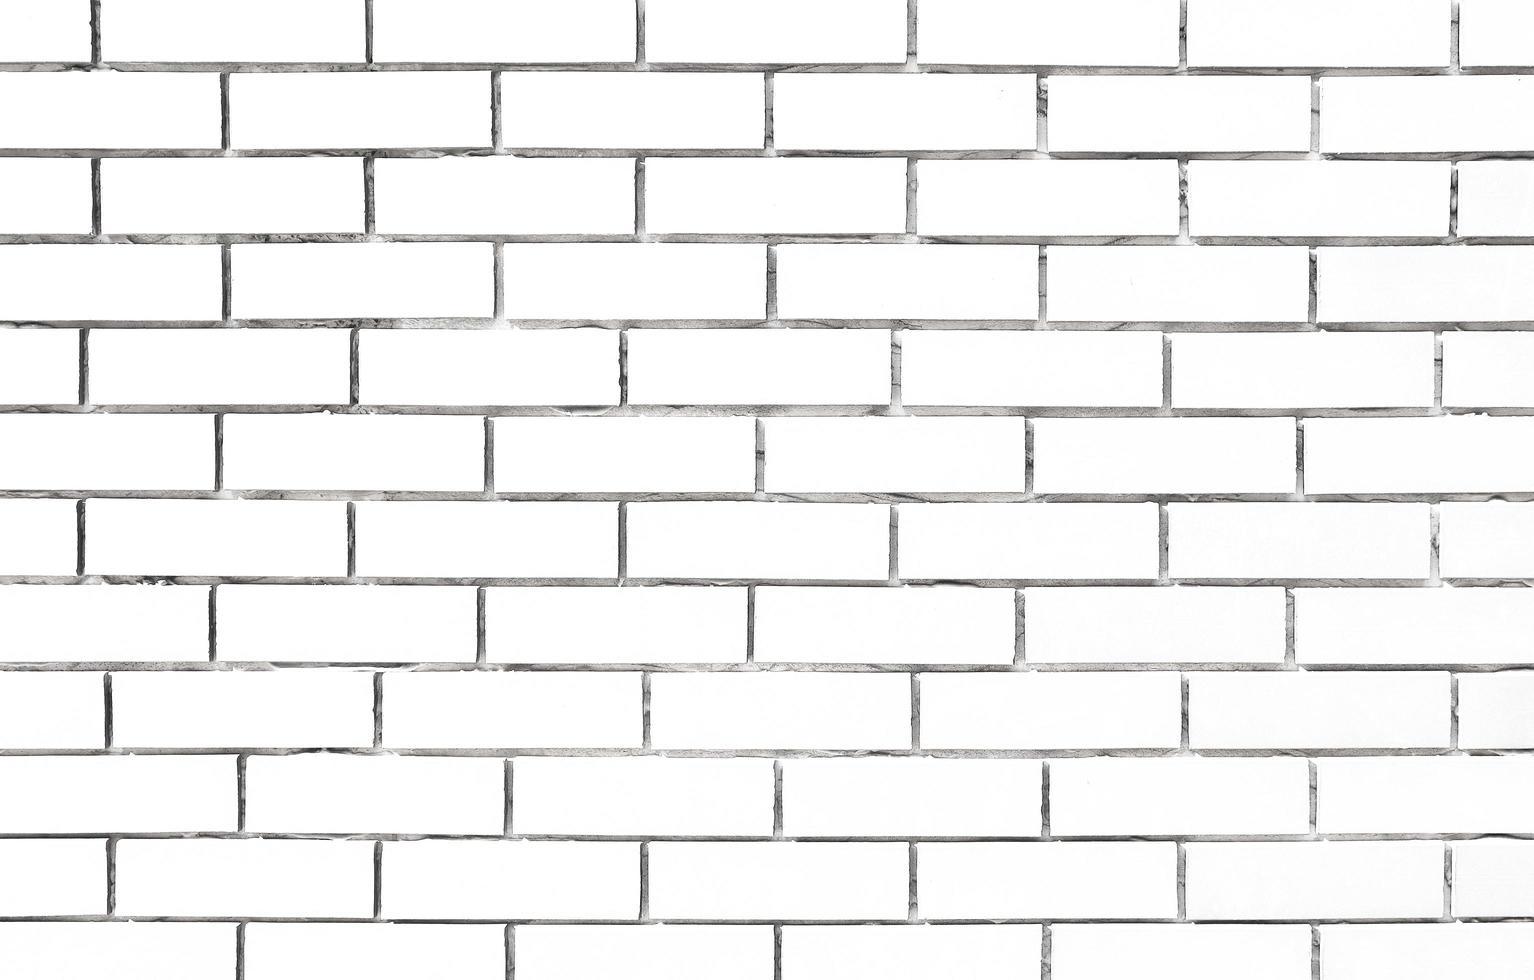 textura de muro de hormigón blanco foto